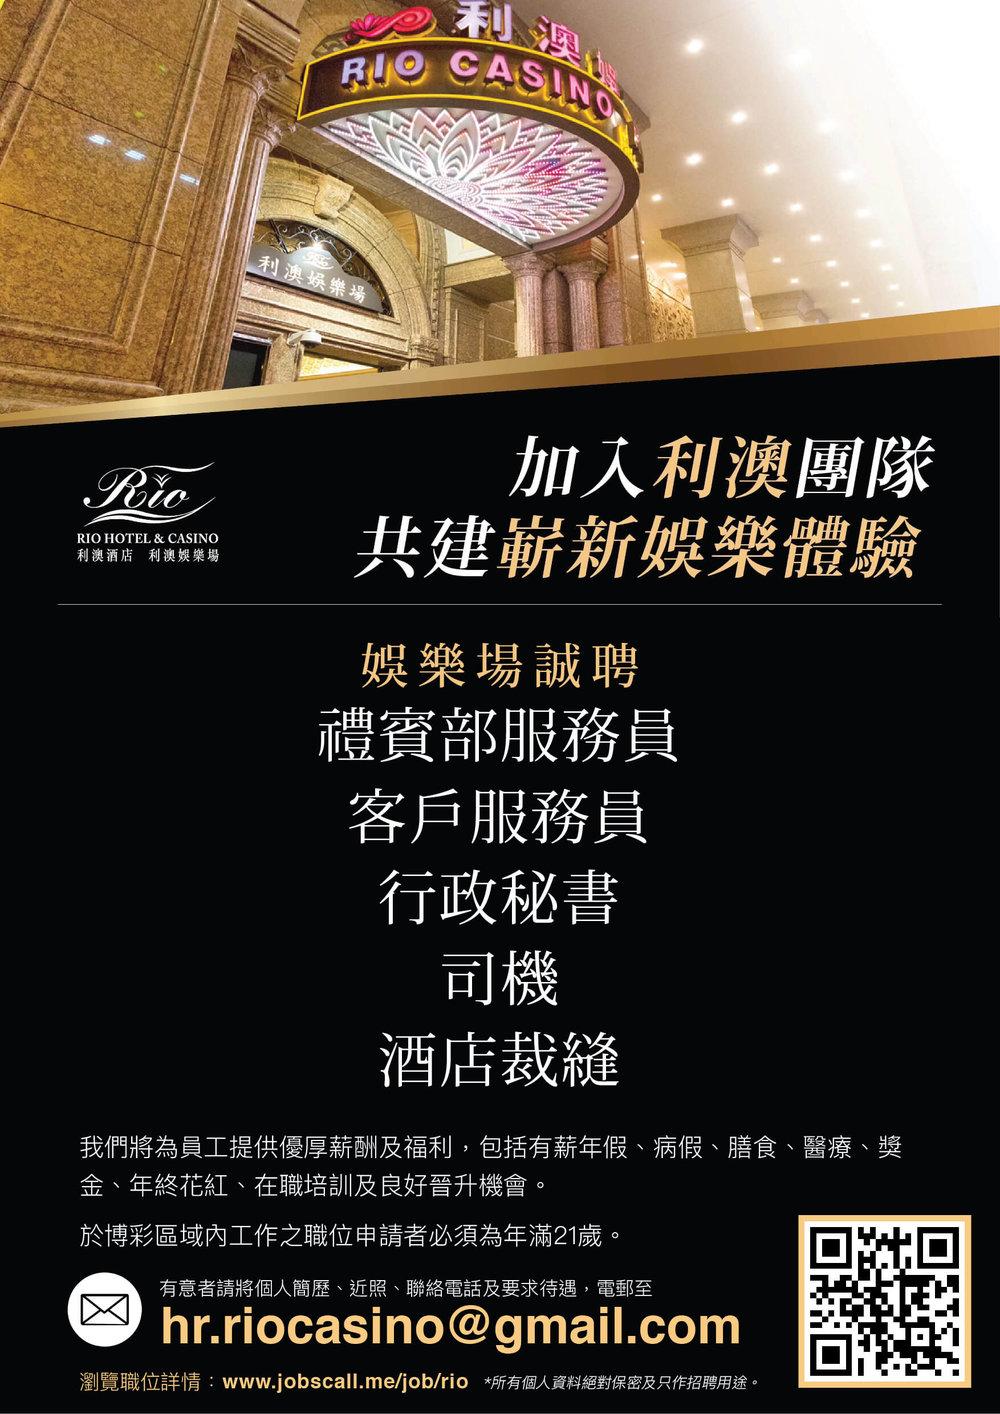 利澳酒店 jobscall.me 澳門招聘-01-7.jpg